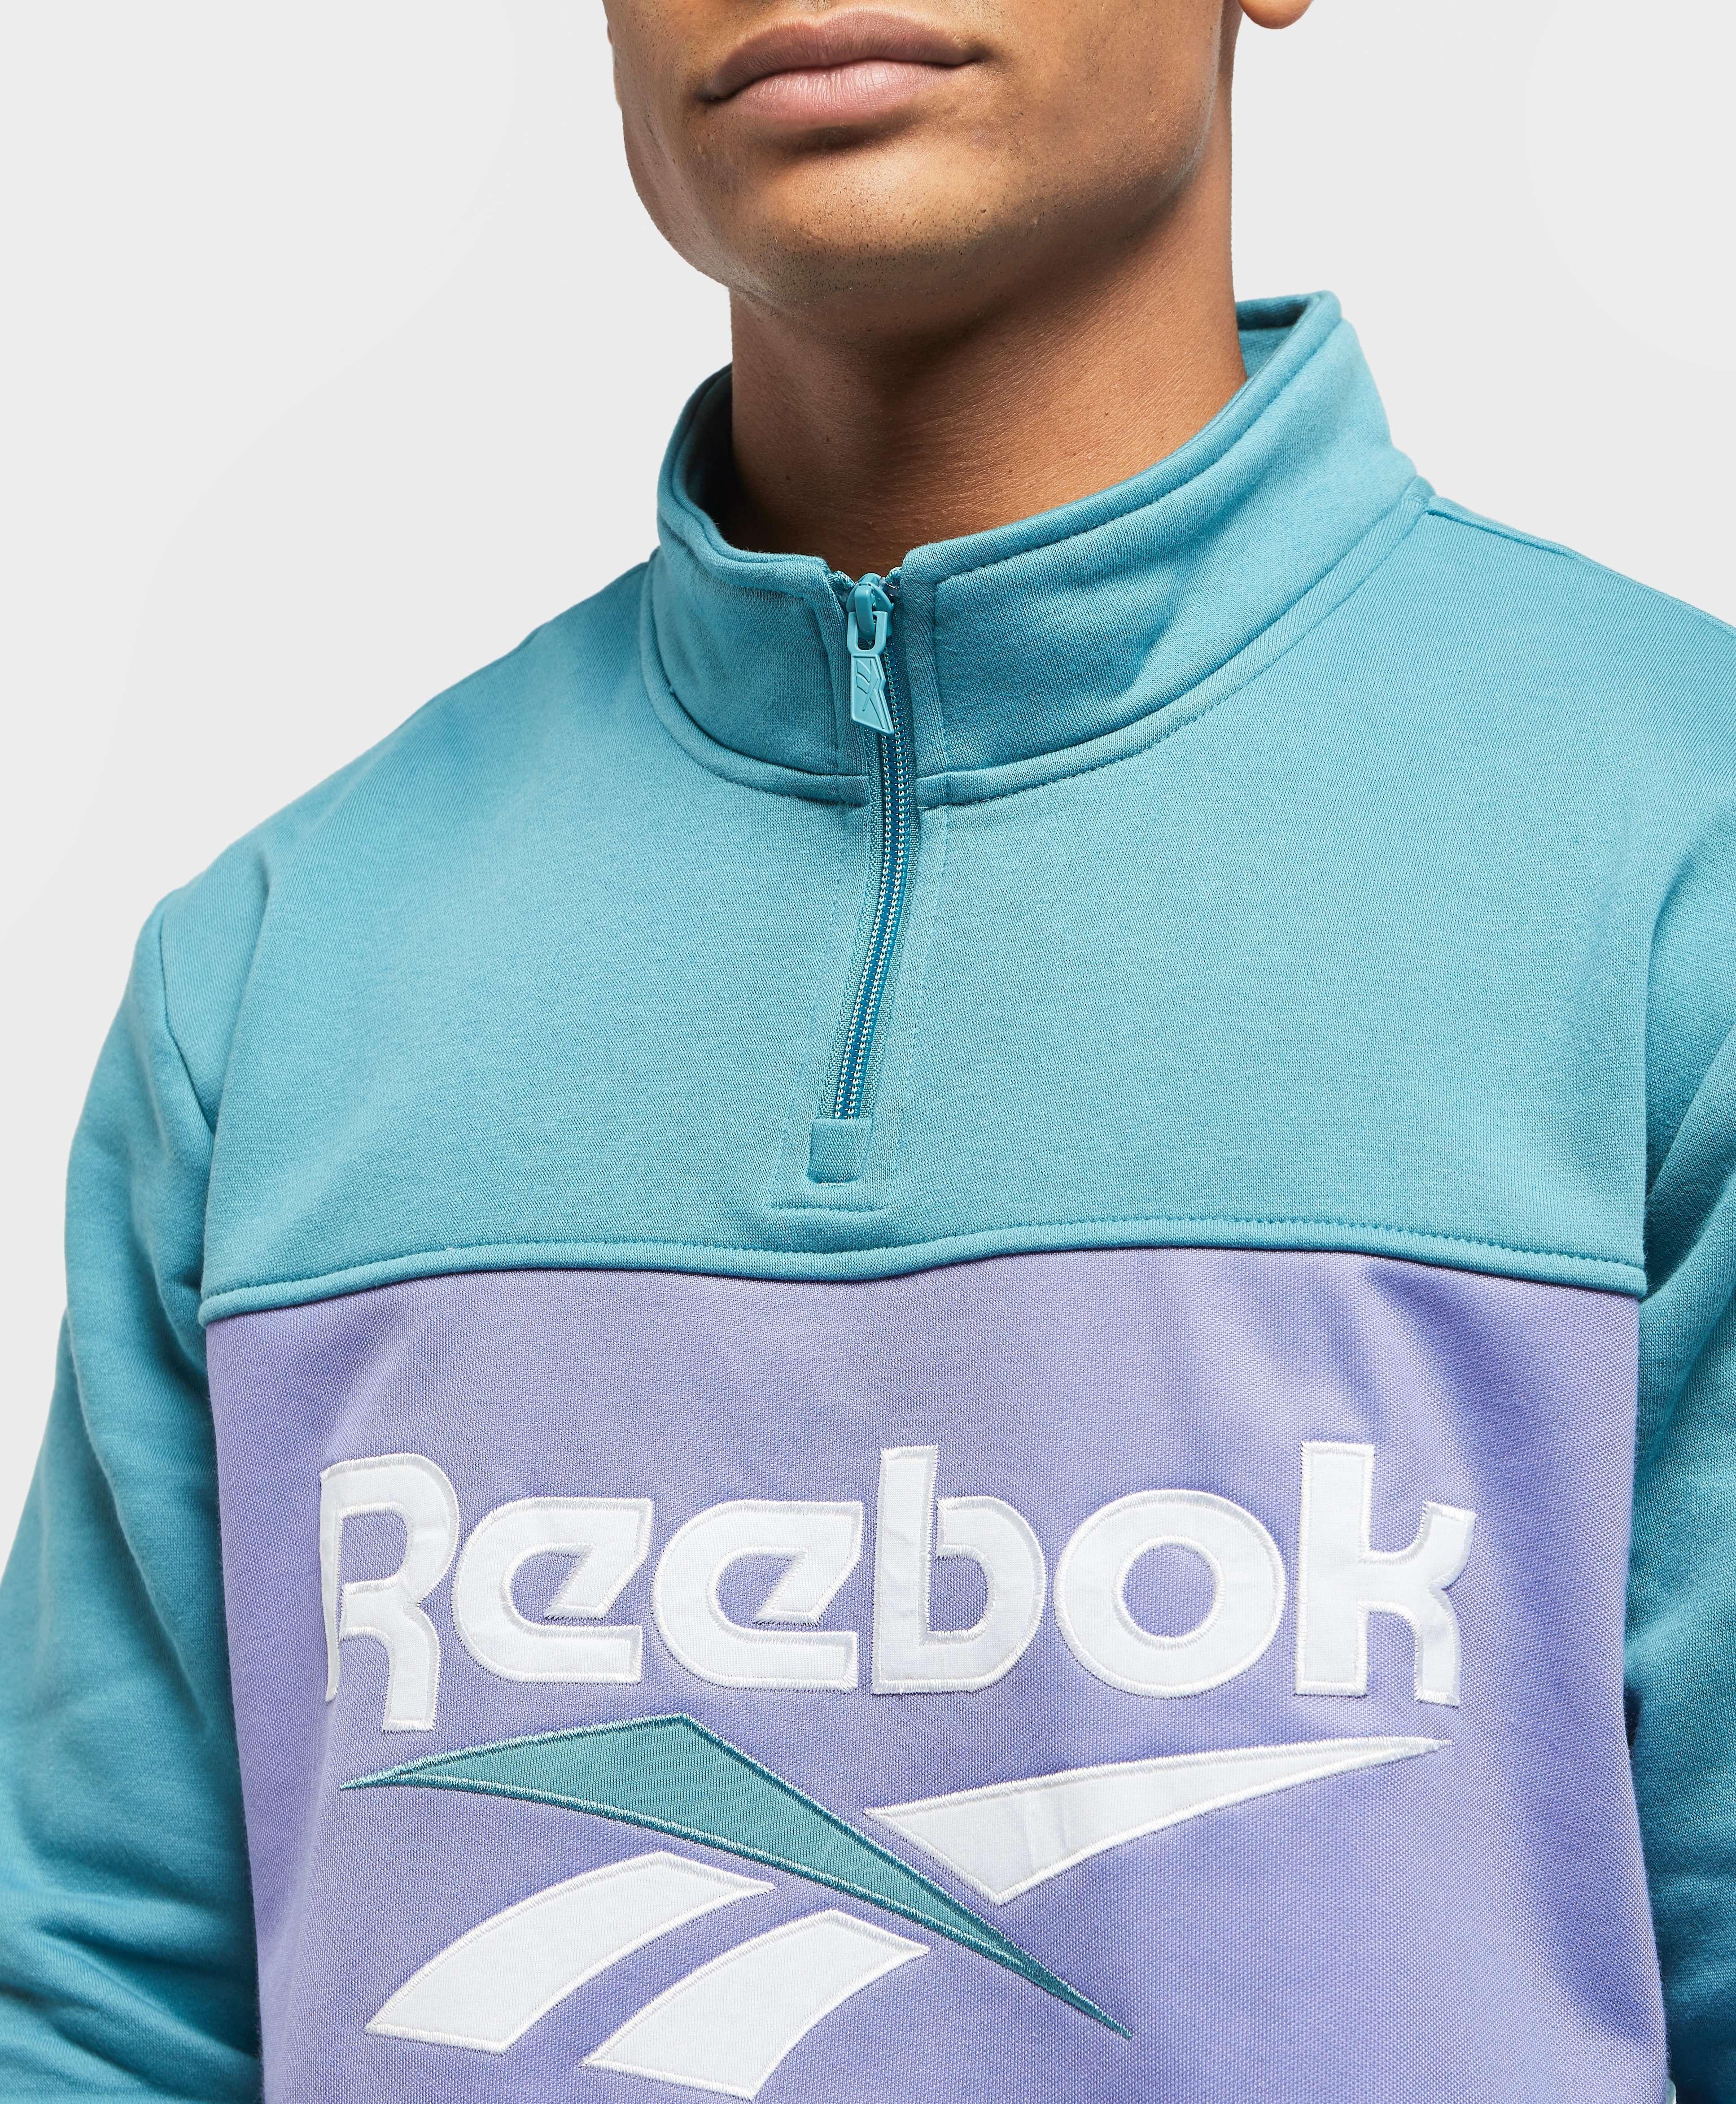 Reebok Vector 1/2 Zip Fleece Sweatshirt